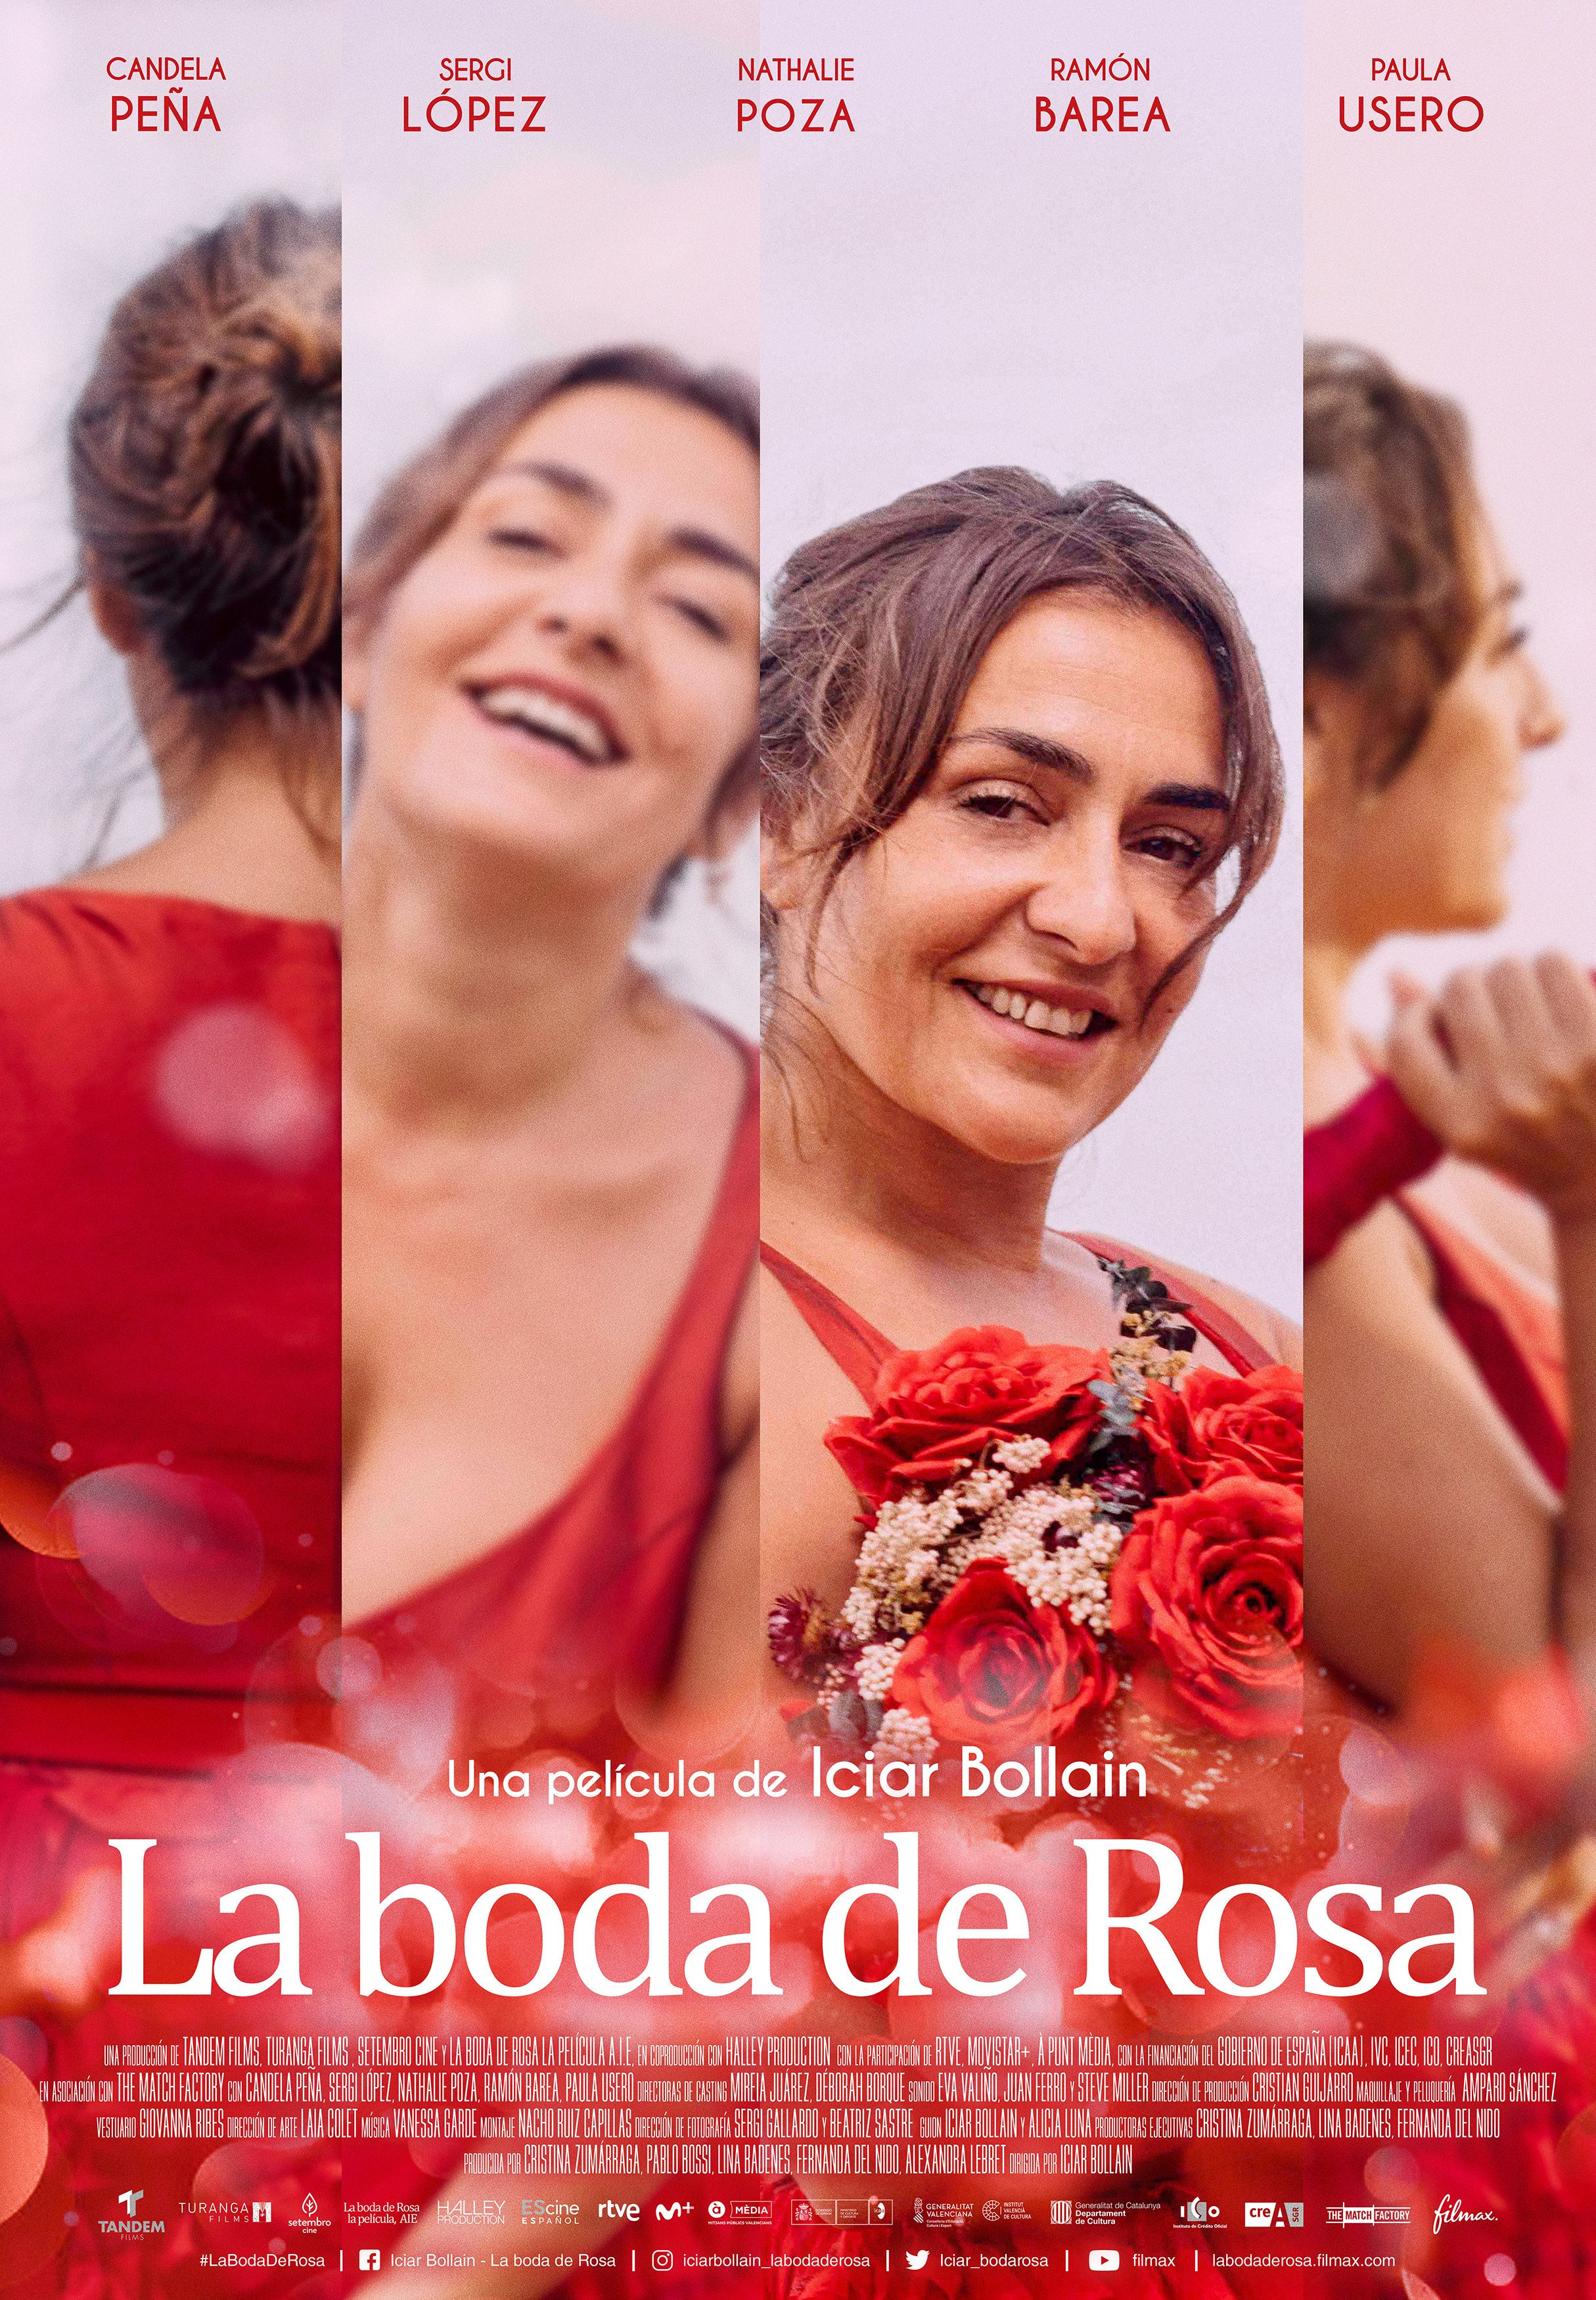 Peli o manta. La boda de Rosa. Poster